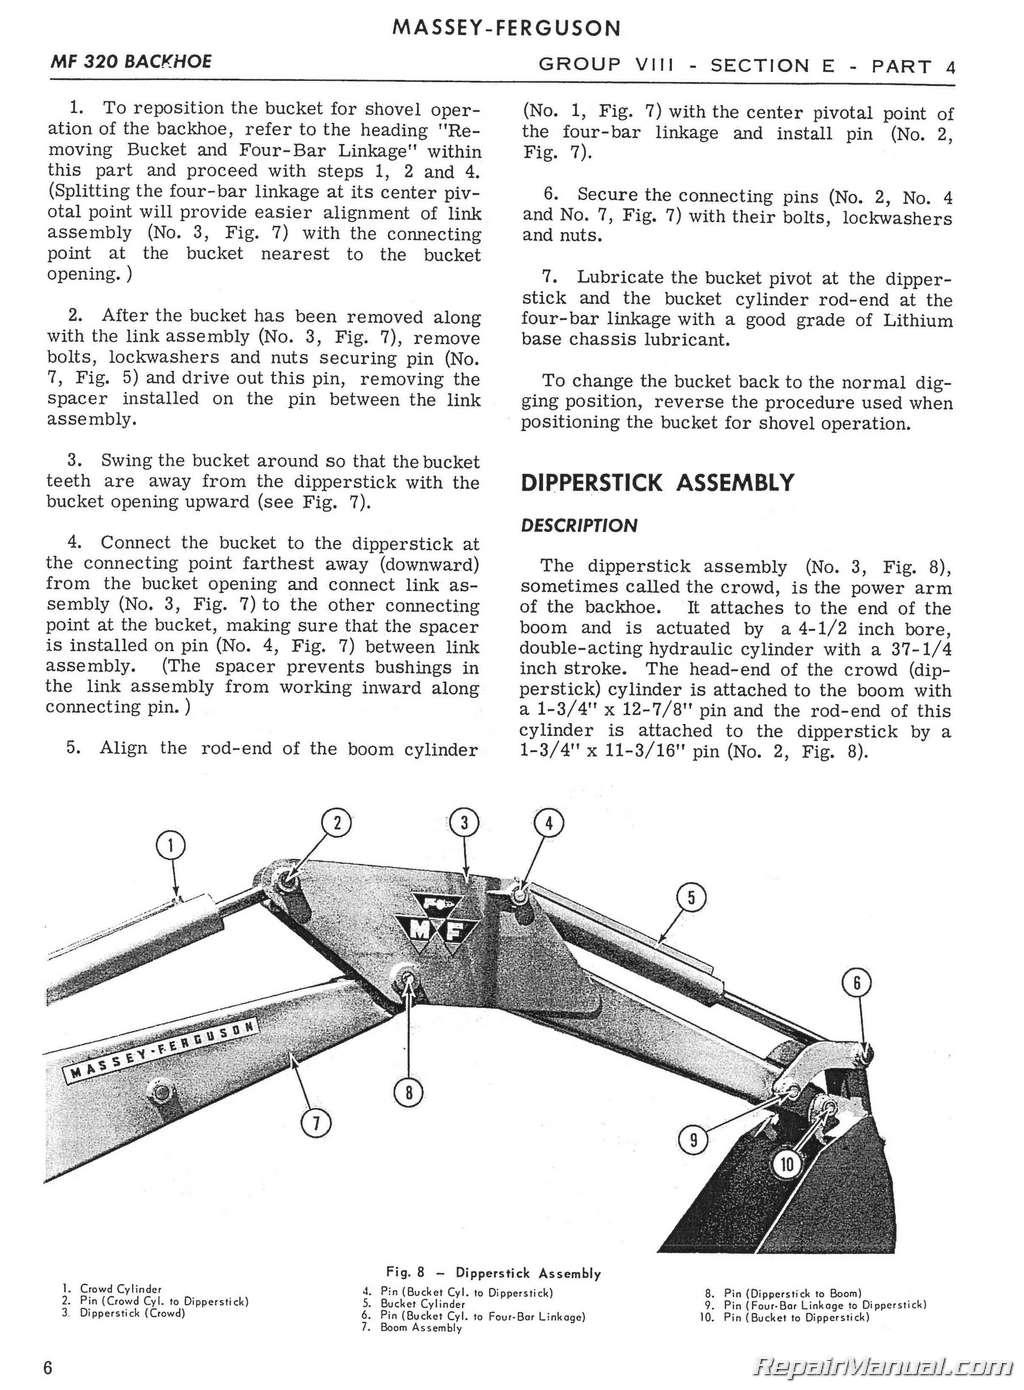 massey ferguson wiring diagram 302 massey ferguson wiring diagram